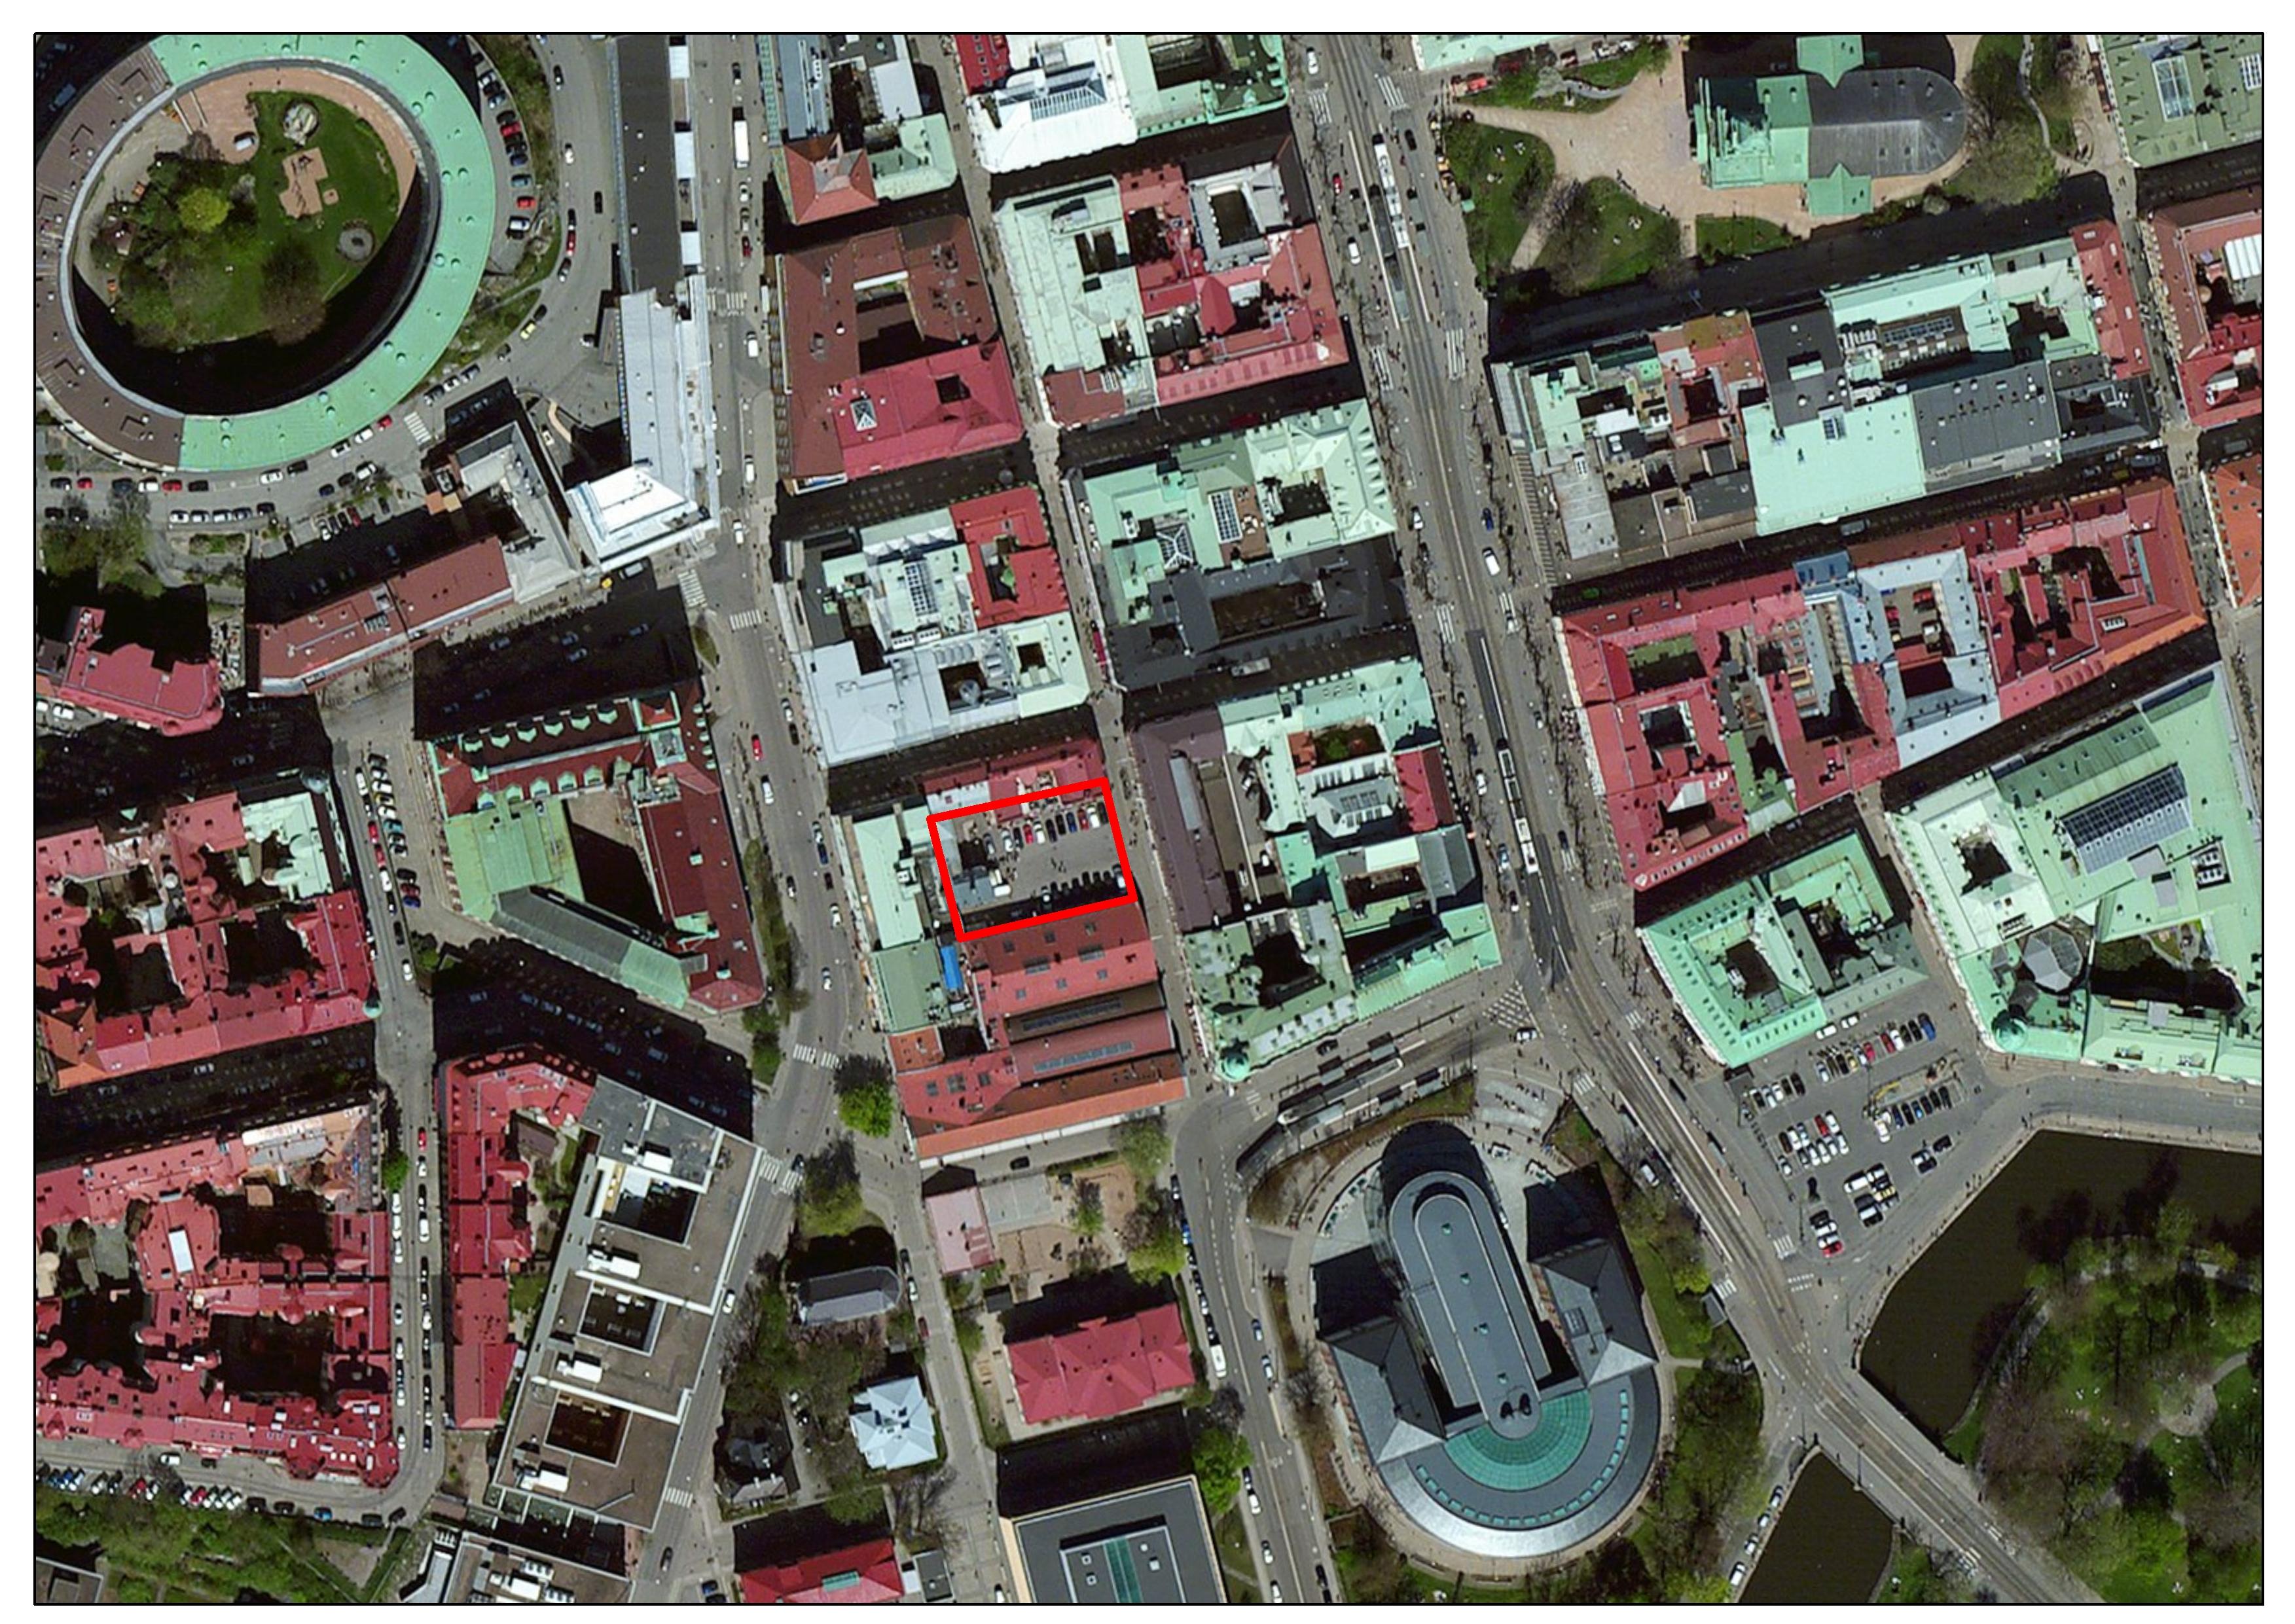 Yimbys julkalender 2016: 24 luckor i stadsväven   yimby göteborg